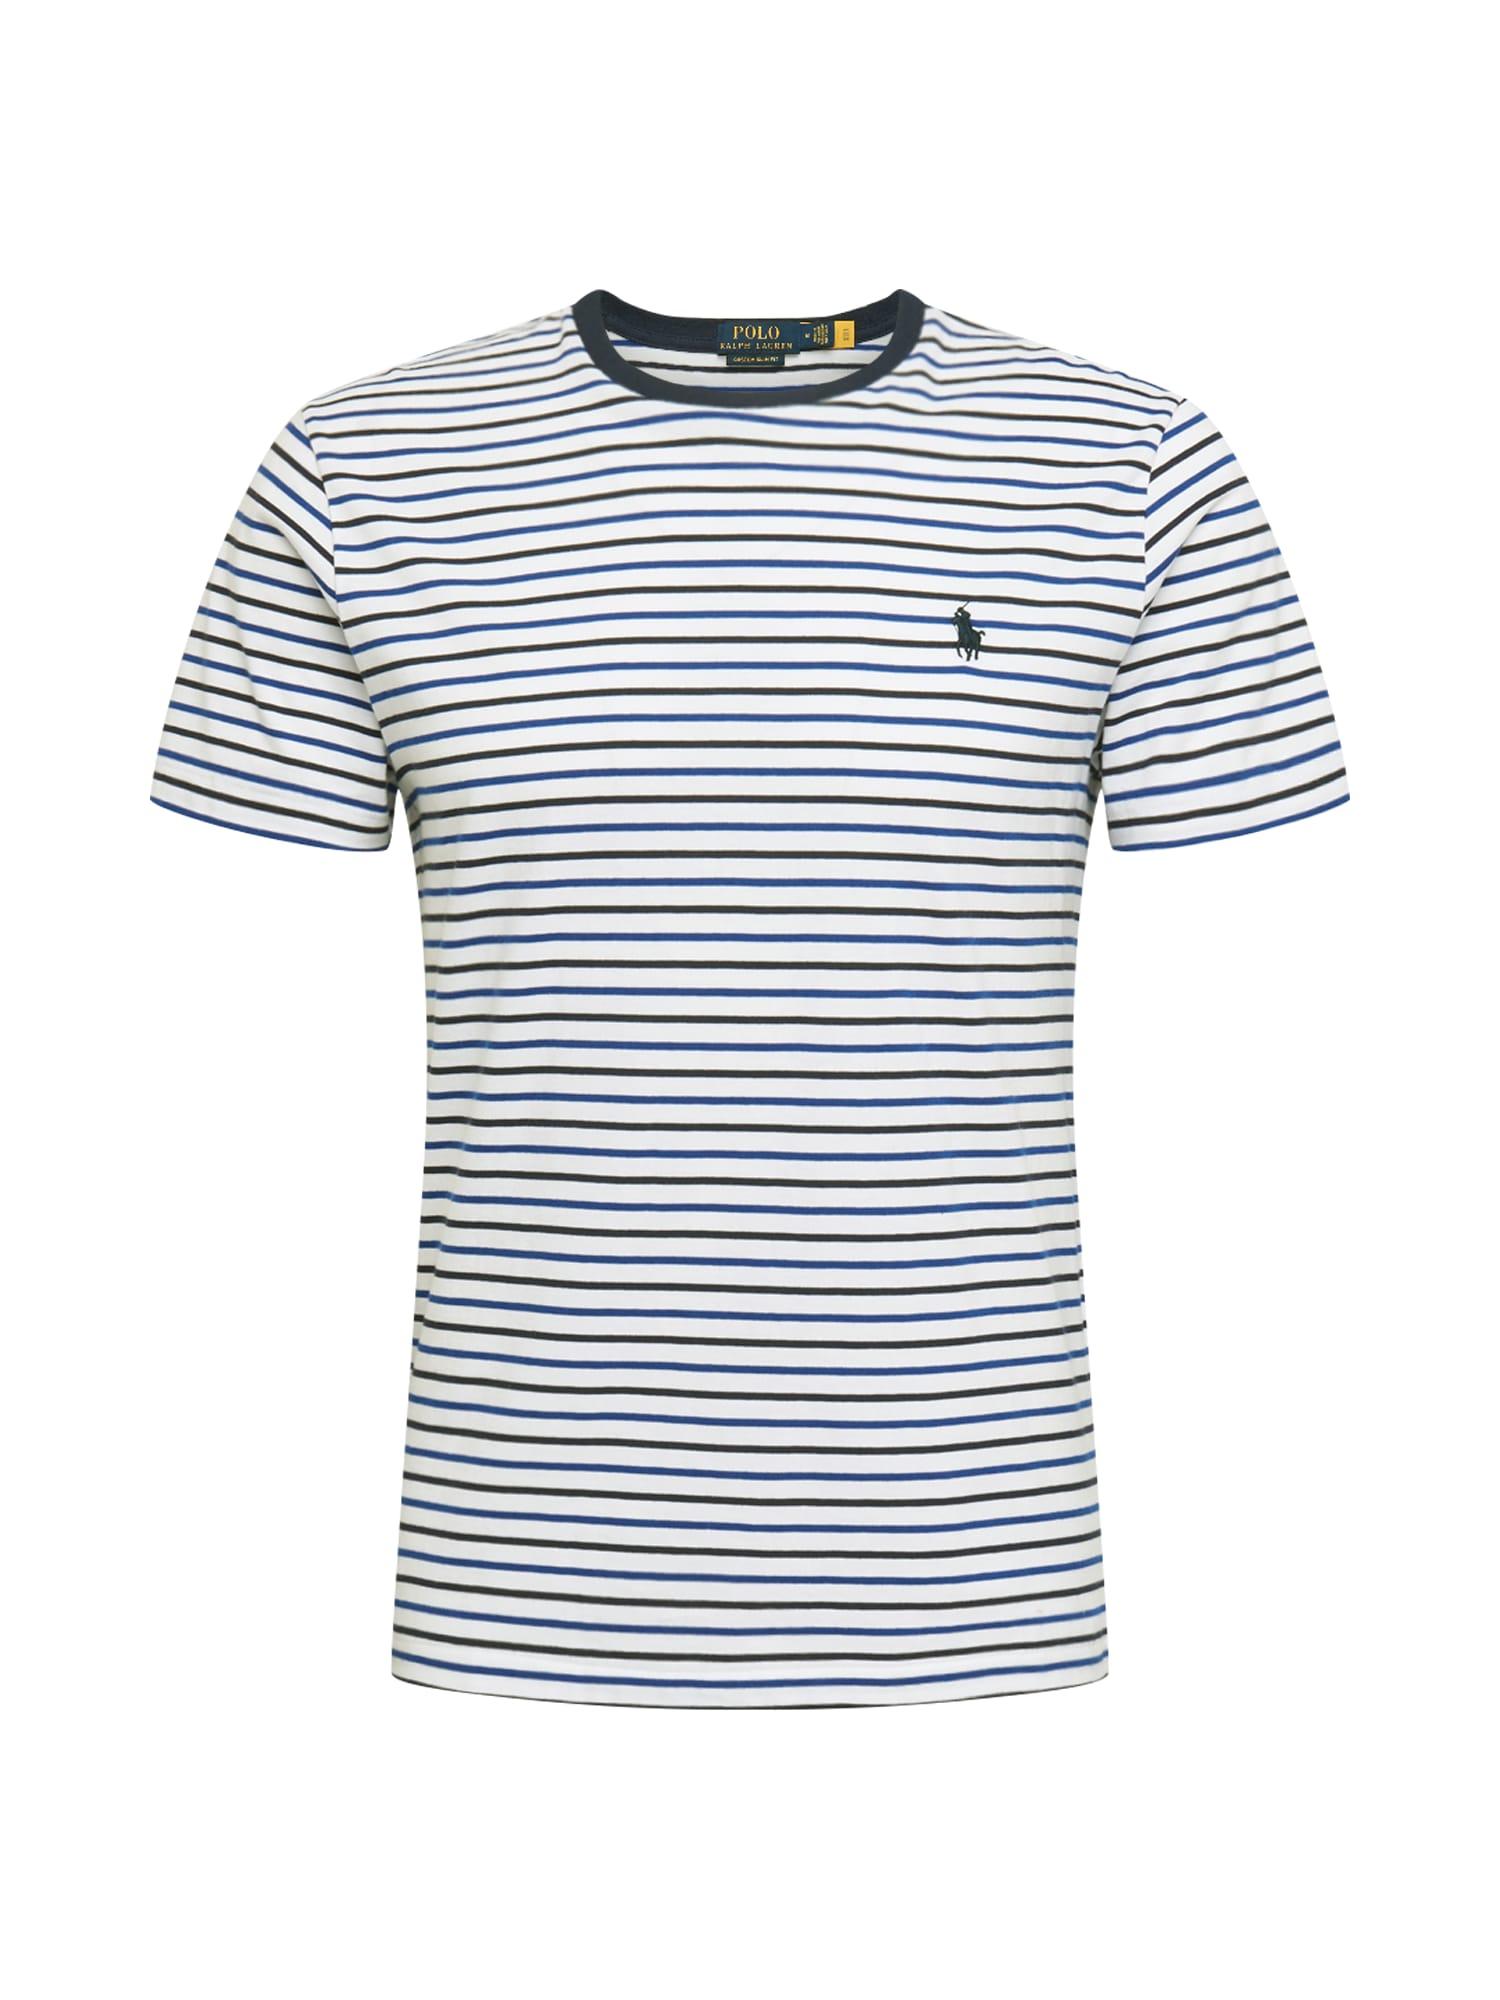 POLO RALPH LAUREN Marškinėliai balta / nakties mėlyna / tamsiai mėlyna jūros spalva